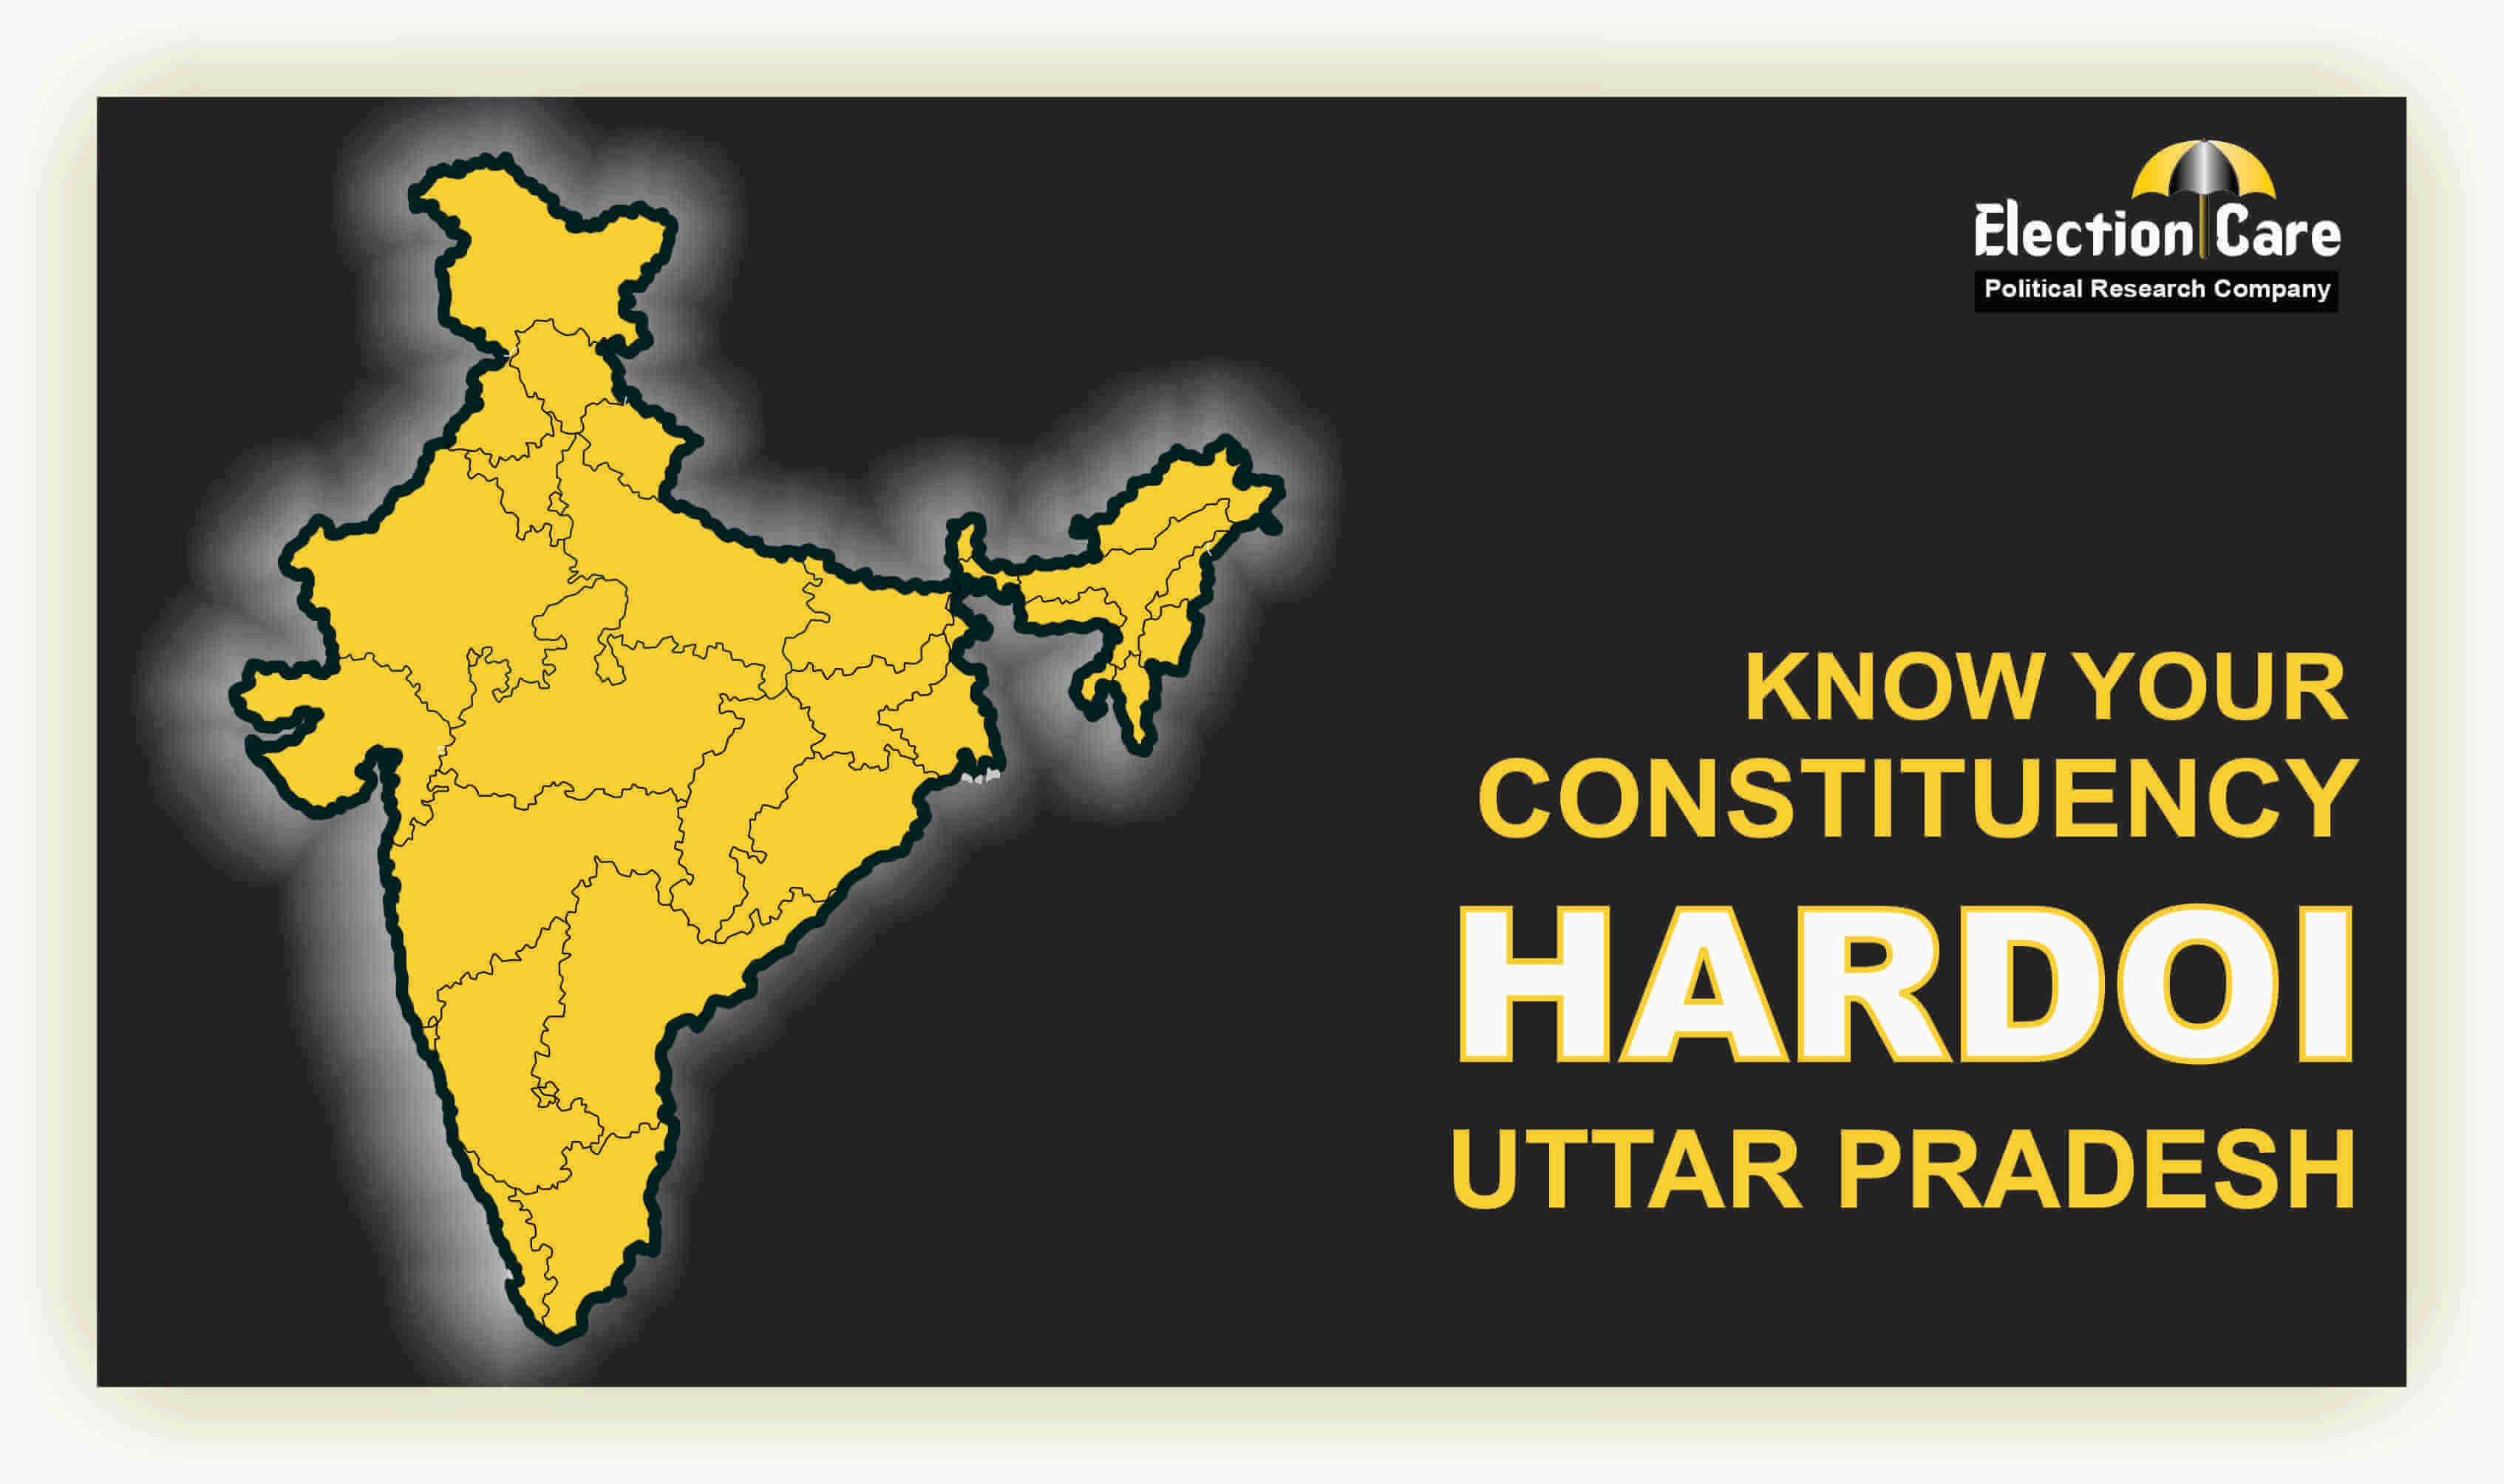 Hardoi Parliament Election Result